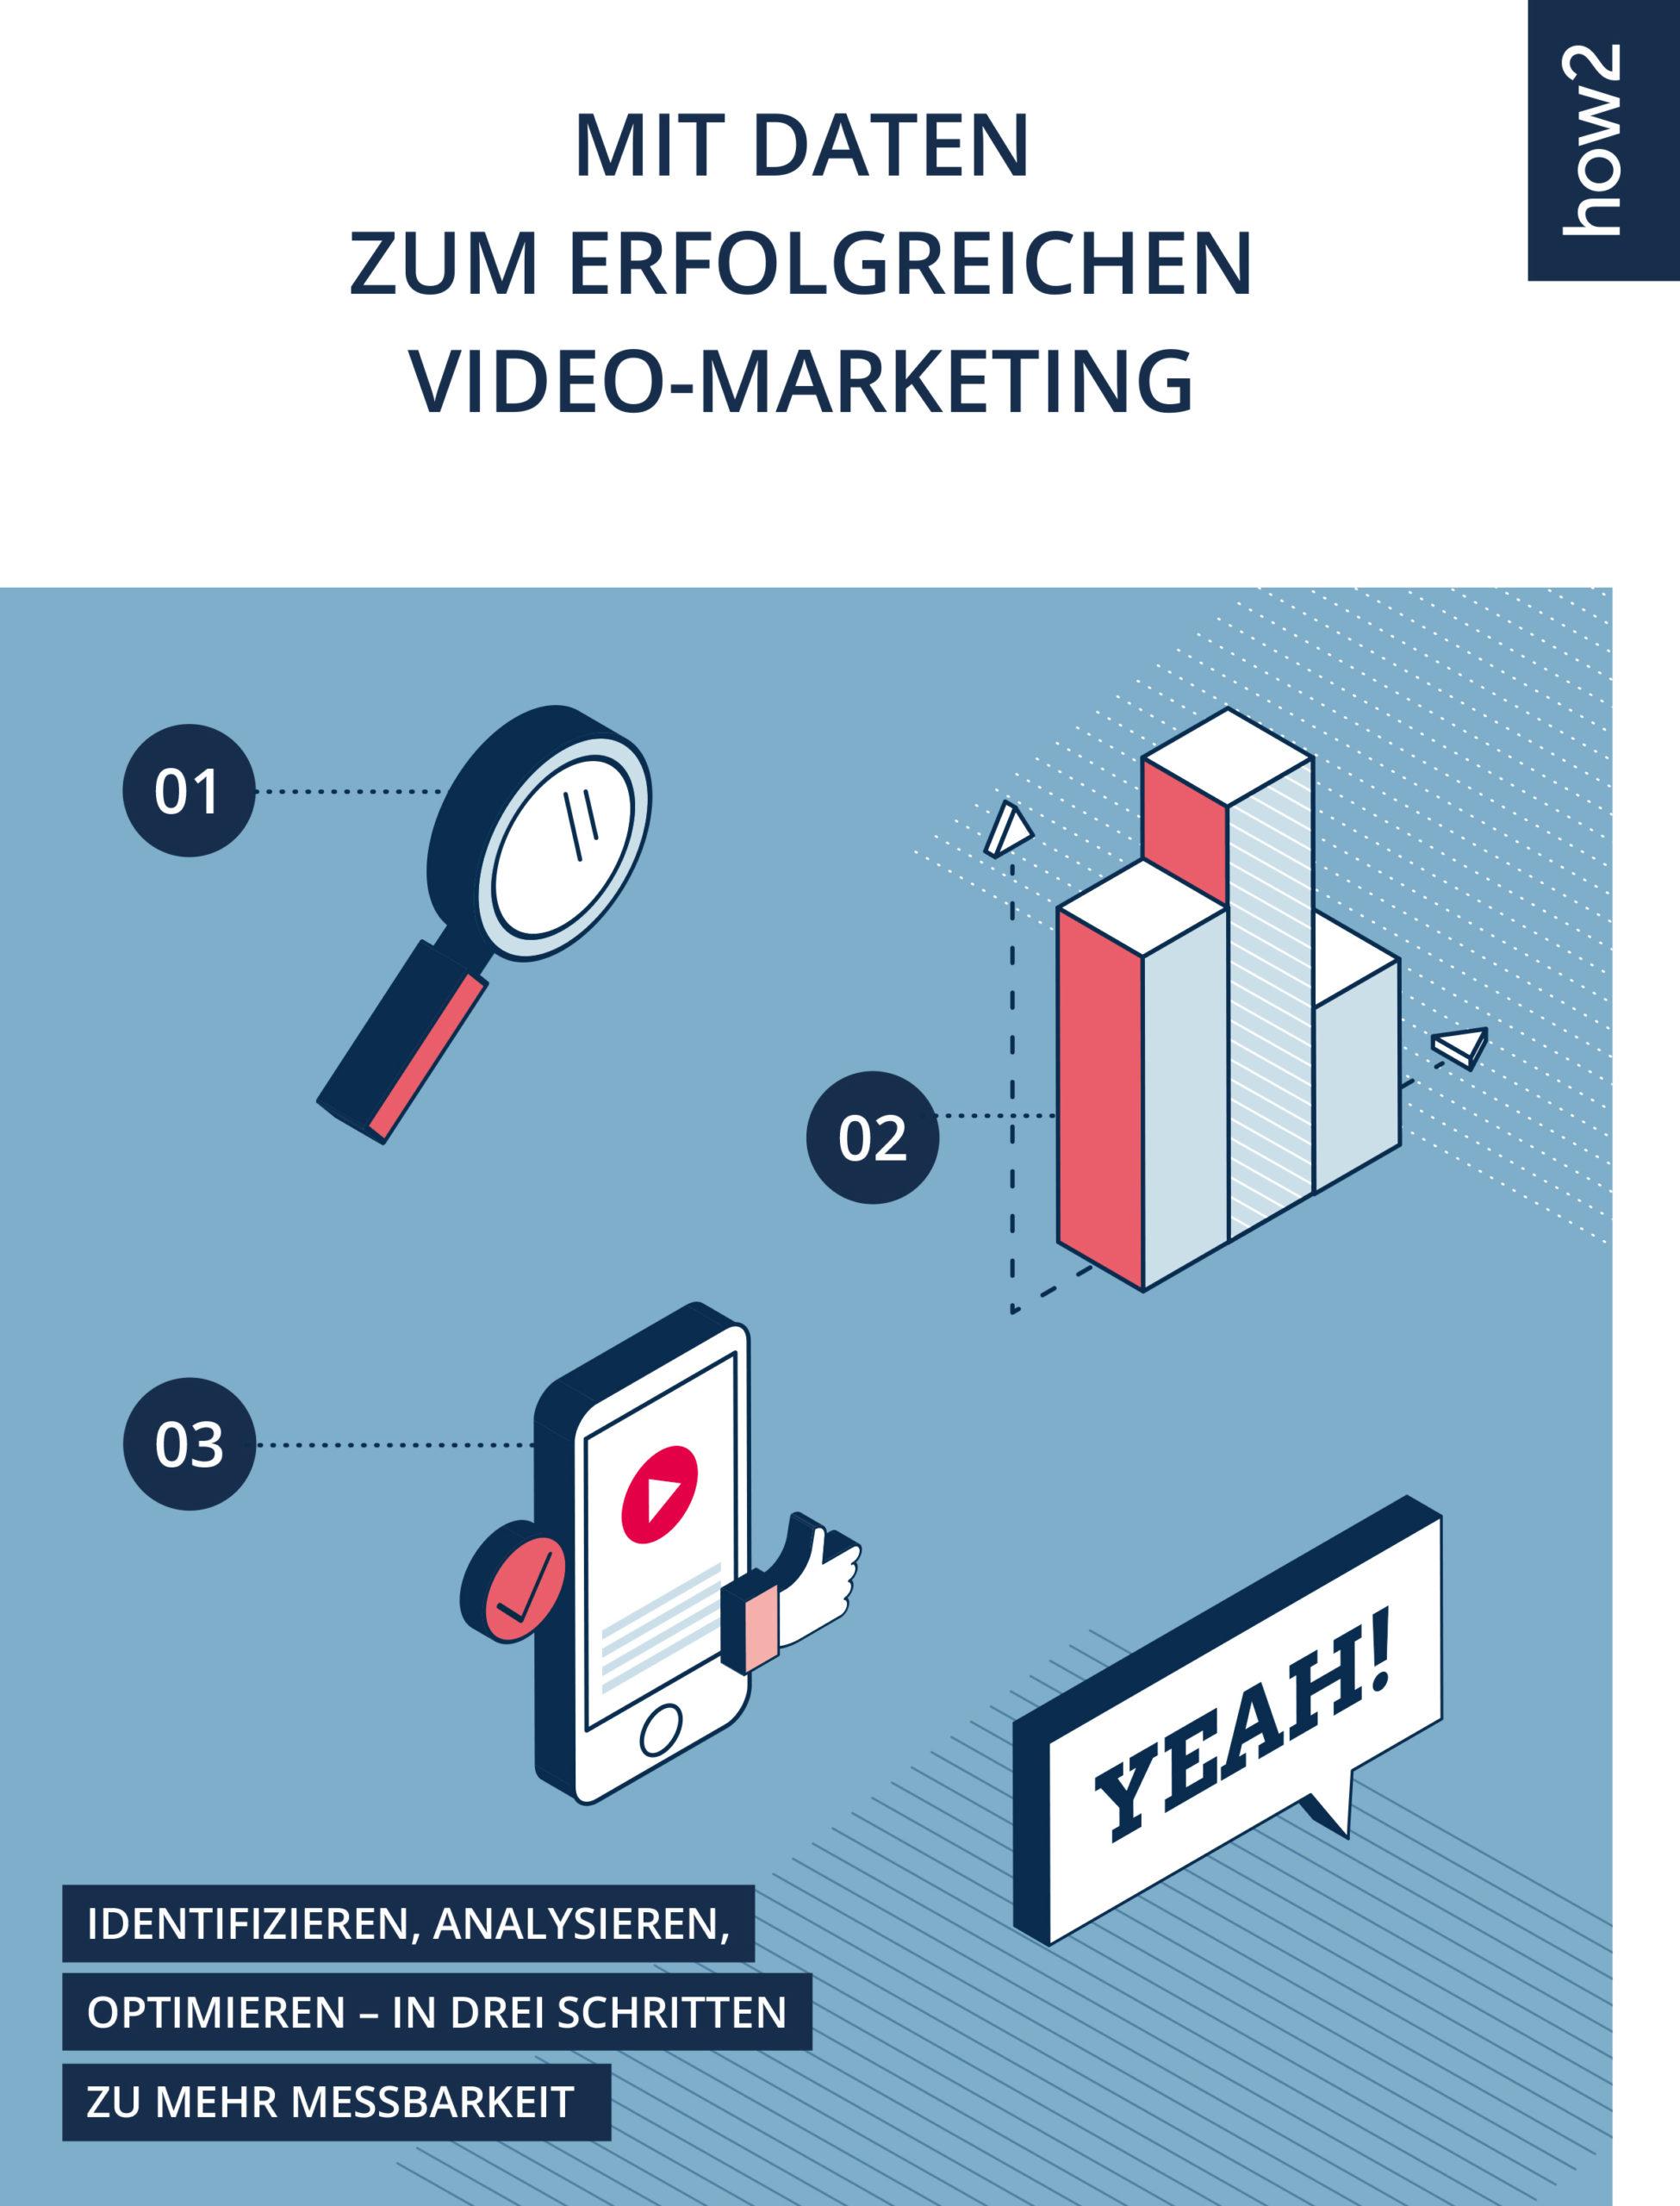 Der Weg zu erfolgreichem Video-Marketing